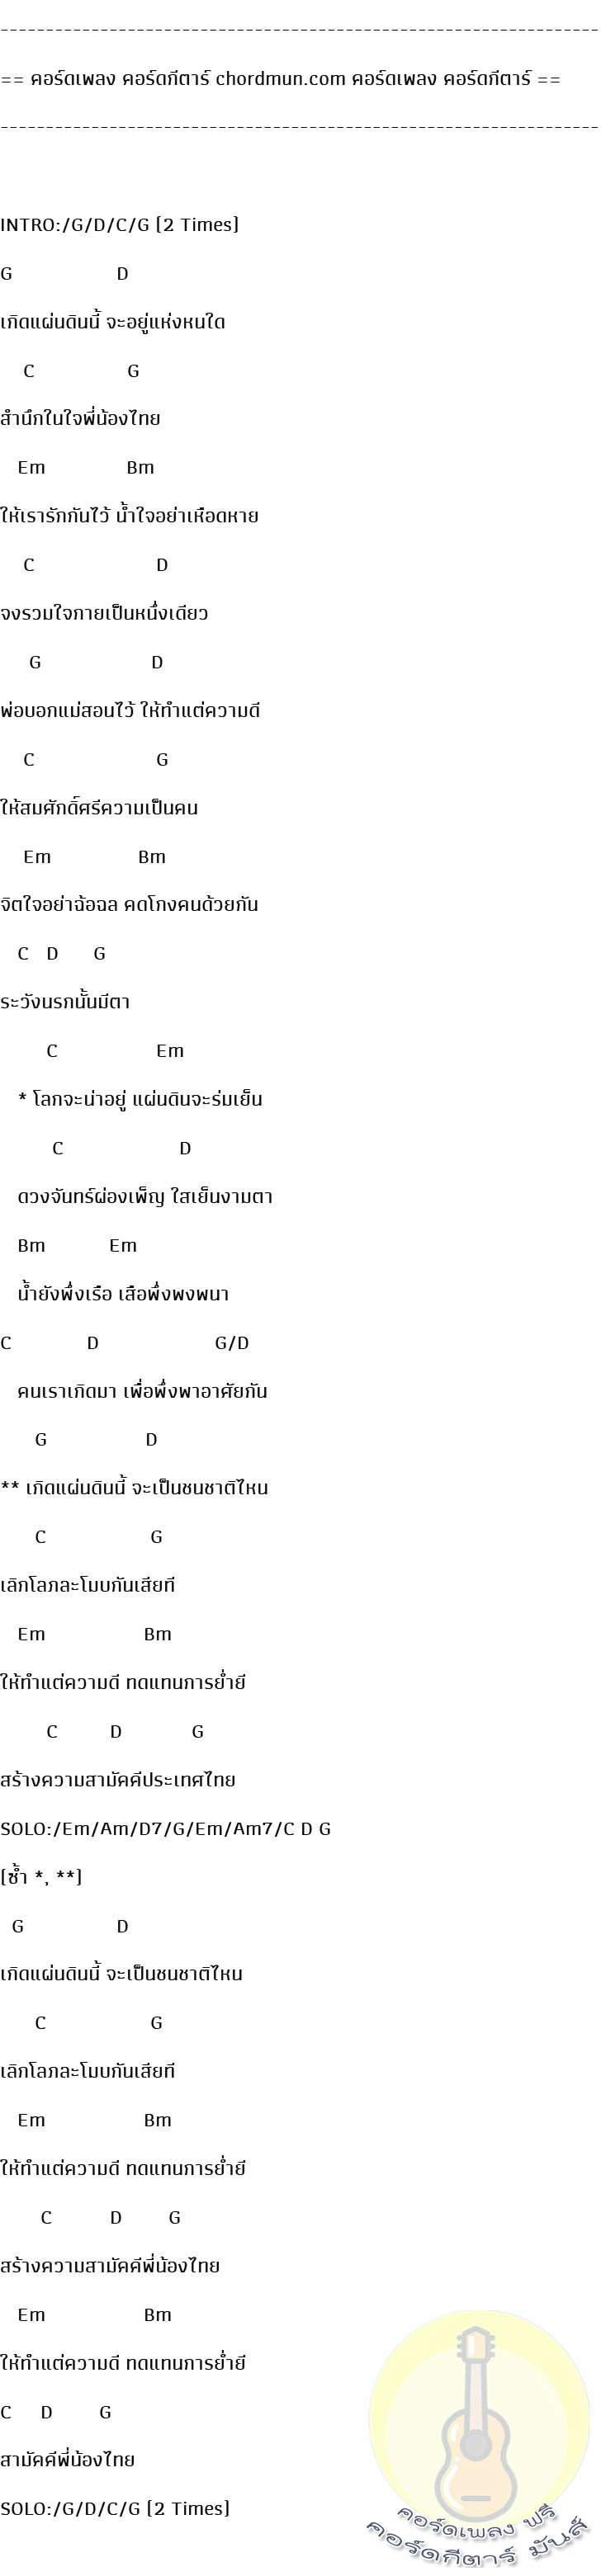 คอร์ดกีต้า ง่ายๆ  เพลง สามัคคีพี่น้องไทย